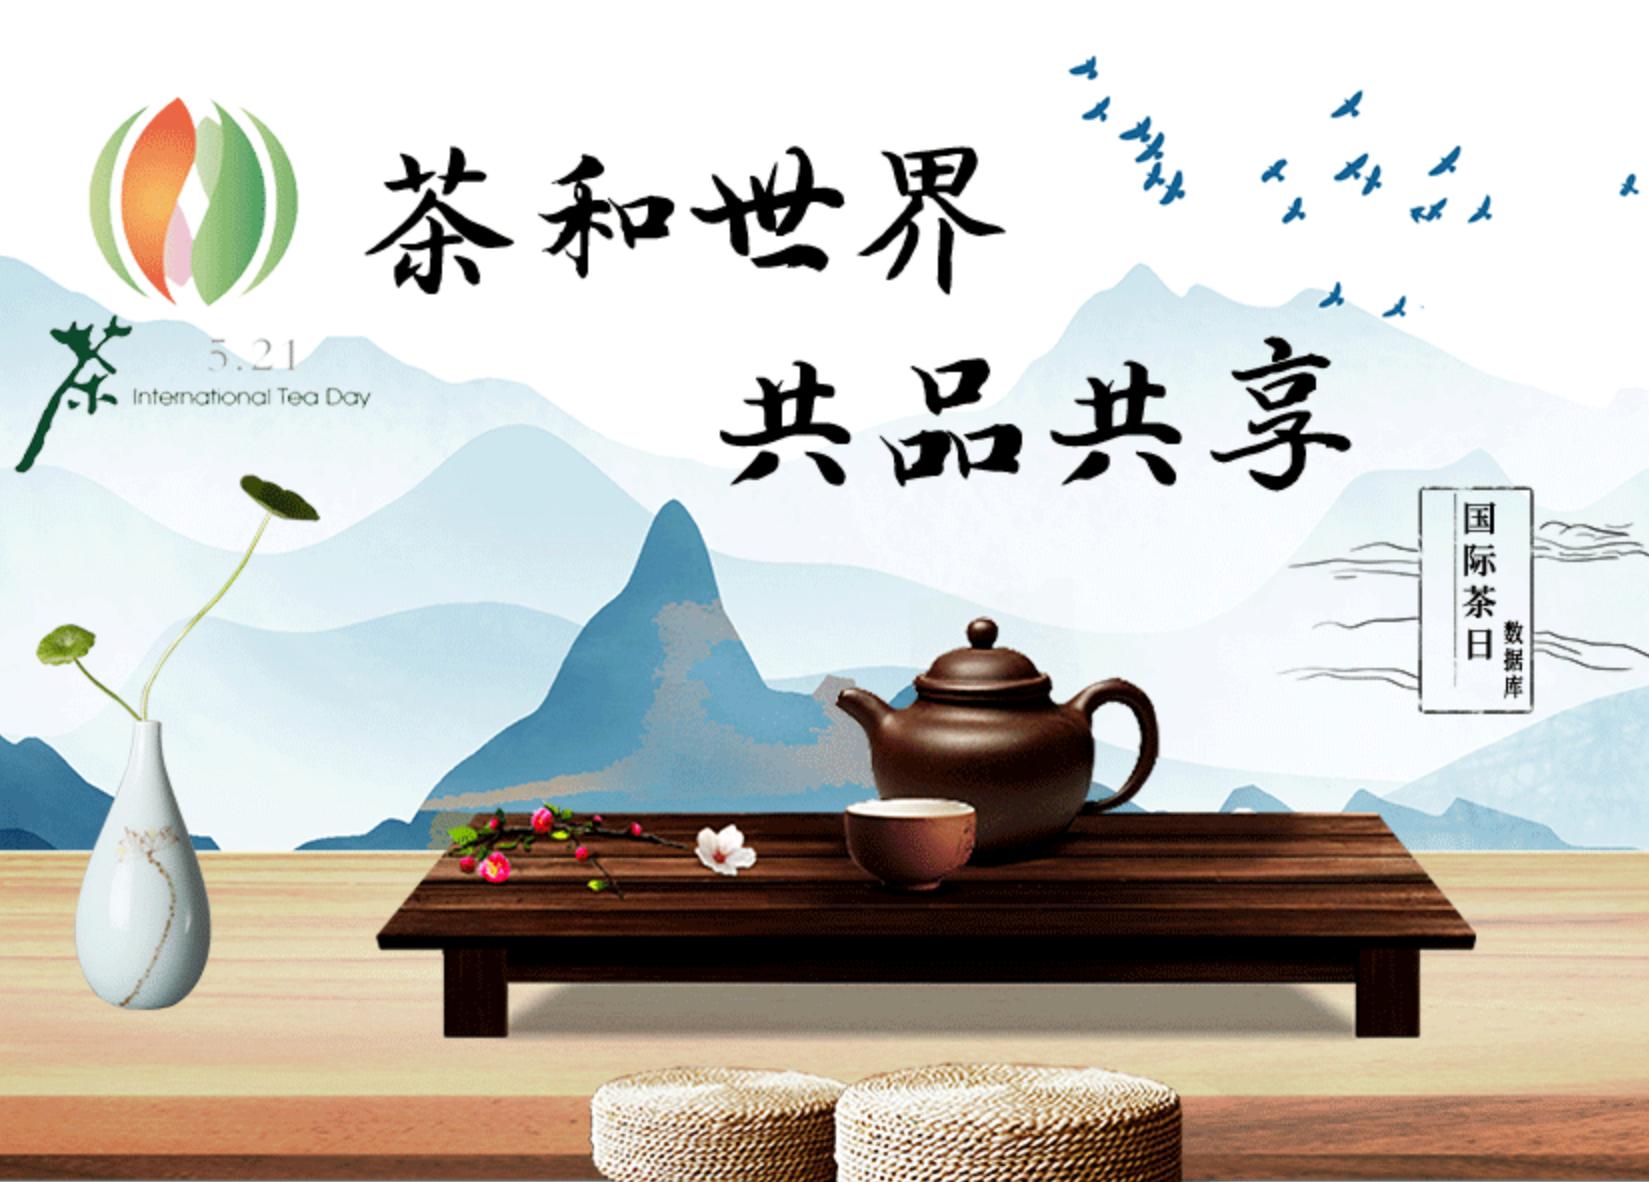 茶和世界 共品共享